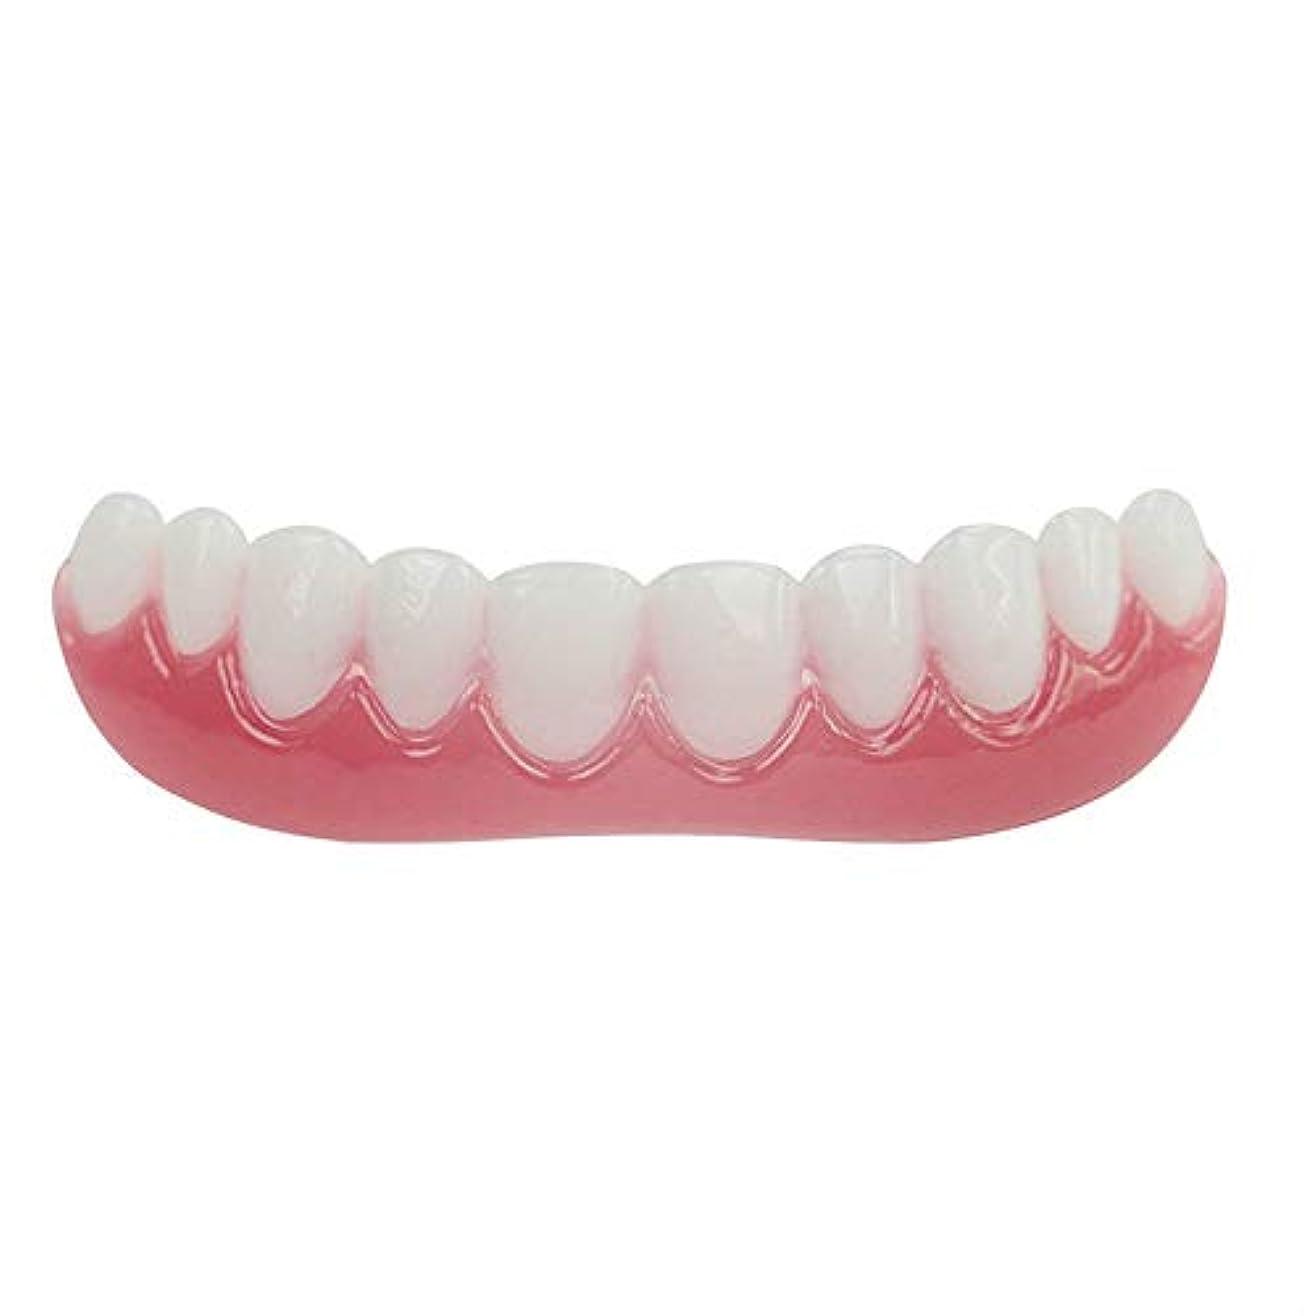 スキャン開拓者挽くシリコーンシミュレーション義歯、歯科用ベニヤホワイトトゥースセット(3個),Colorbox,Lower